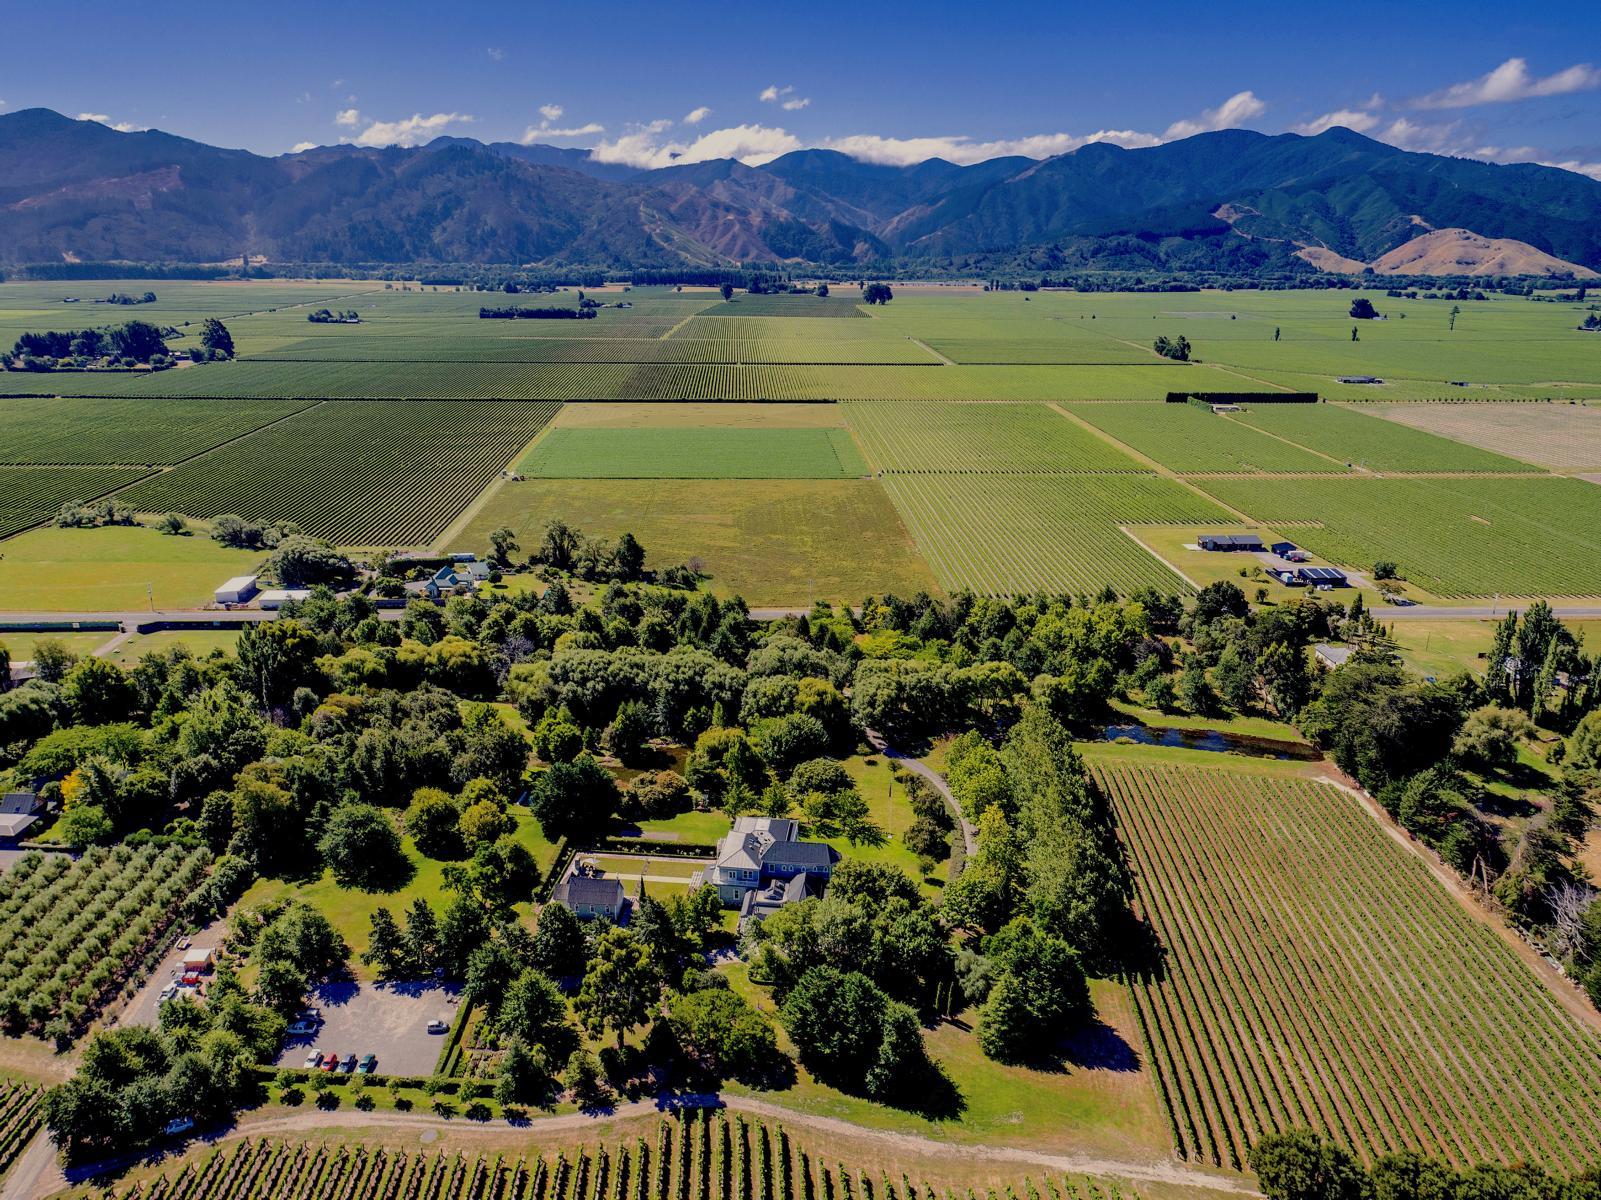 Die Marlborough Lodge in Neuseeland aus der Vogelperspektive mit Bergen im Hintergrund